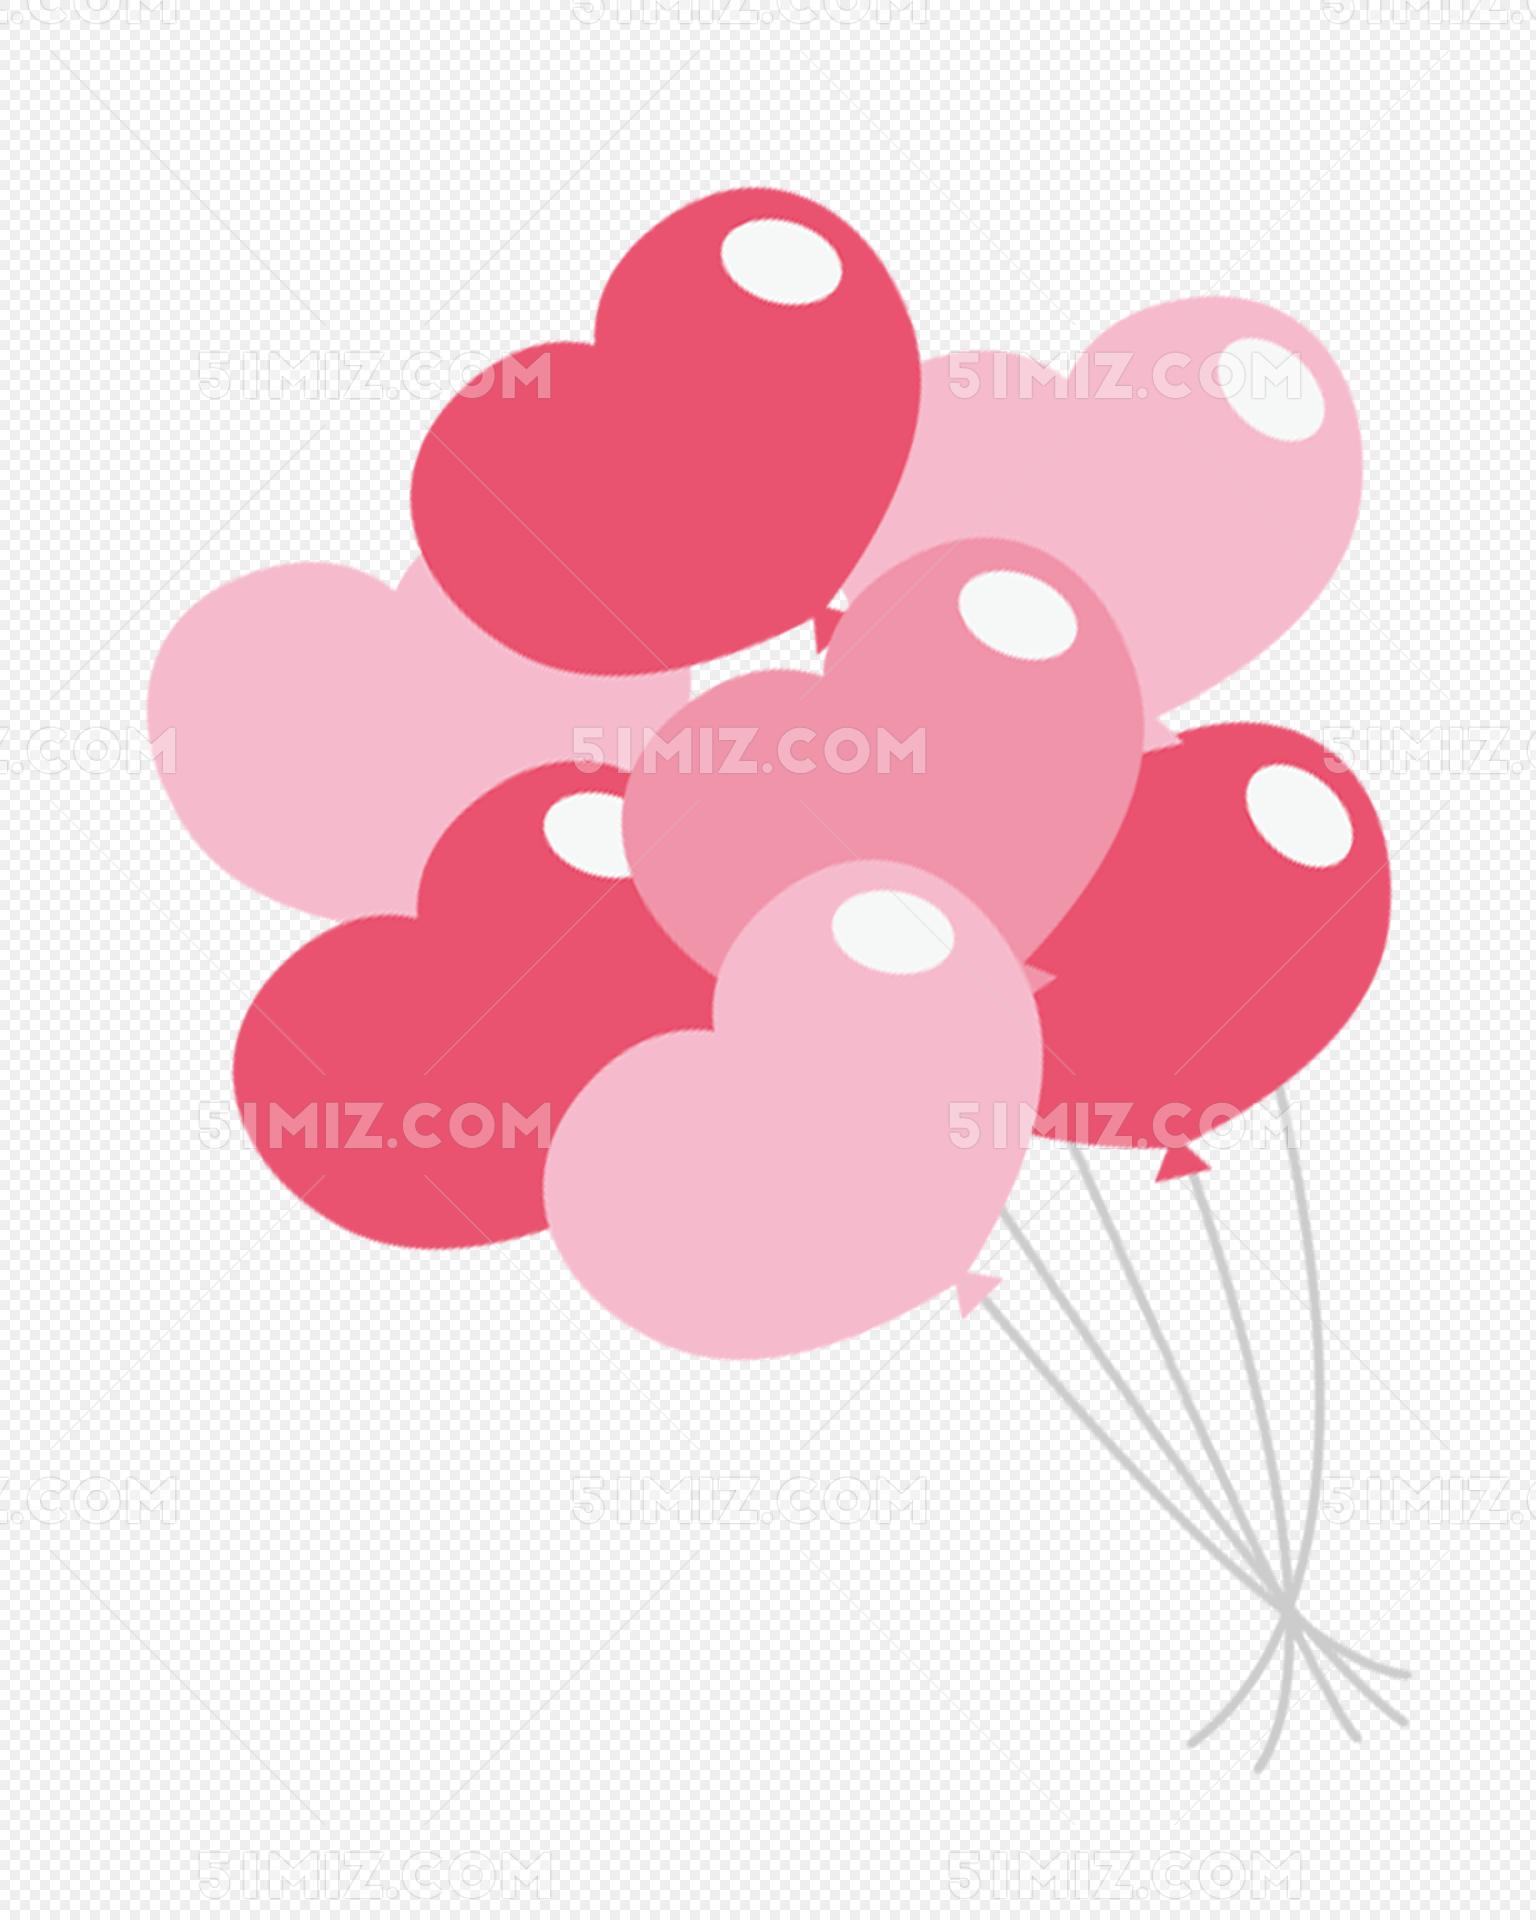 粉色卡通心形气球装饰图案图片素材免费下载_觅知网